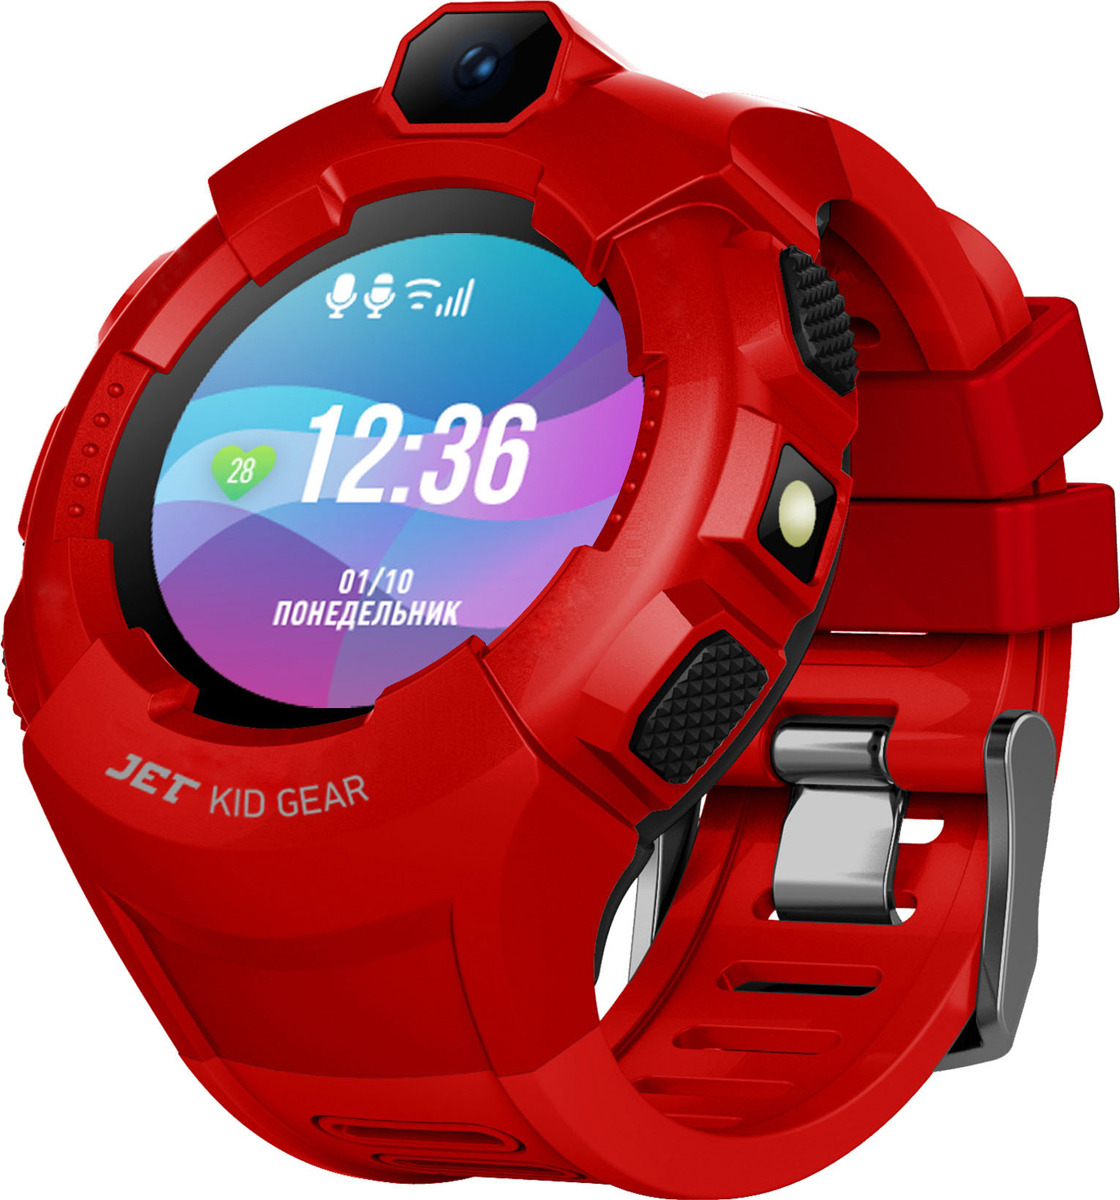 Смарт-браслет для детей Jet Kid Gear, красный, черный